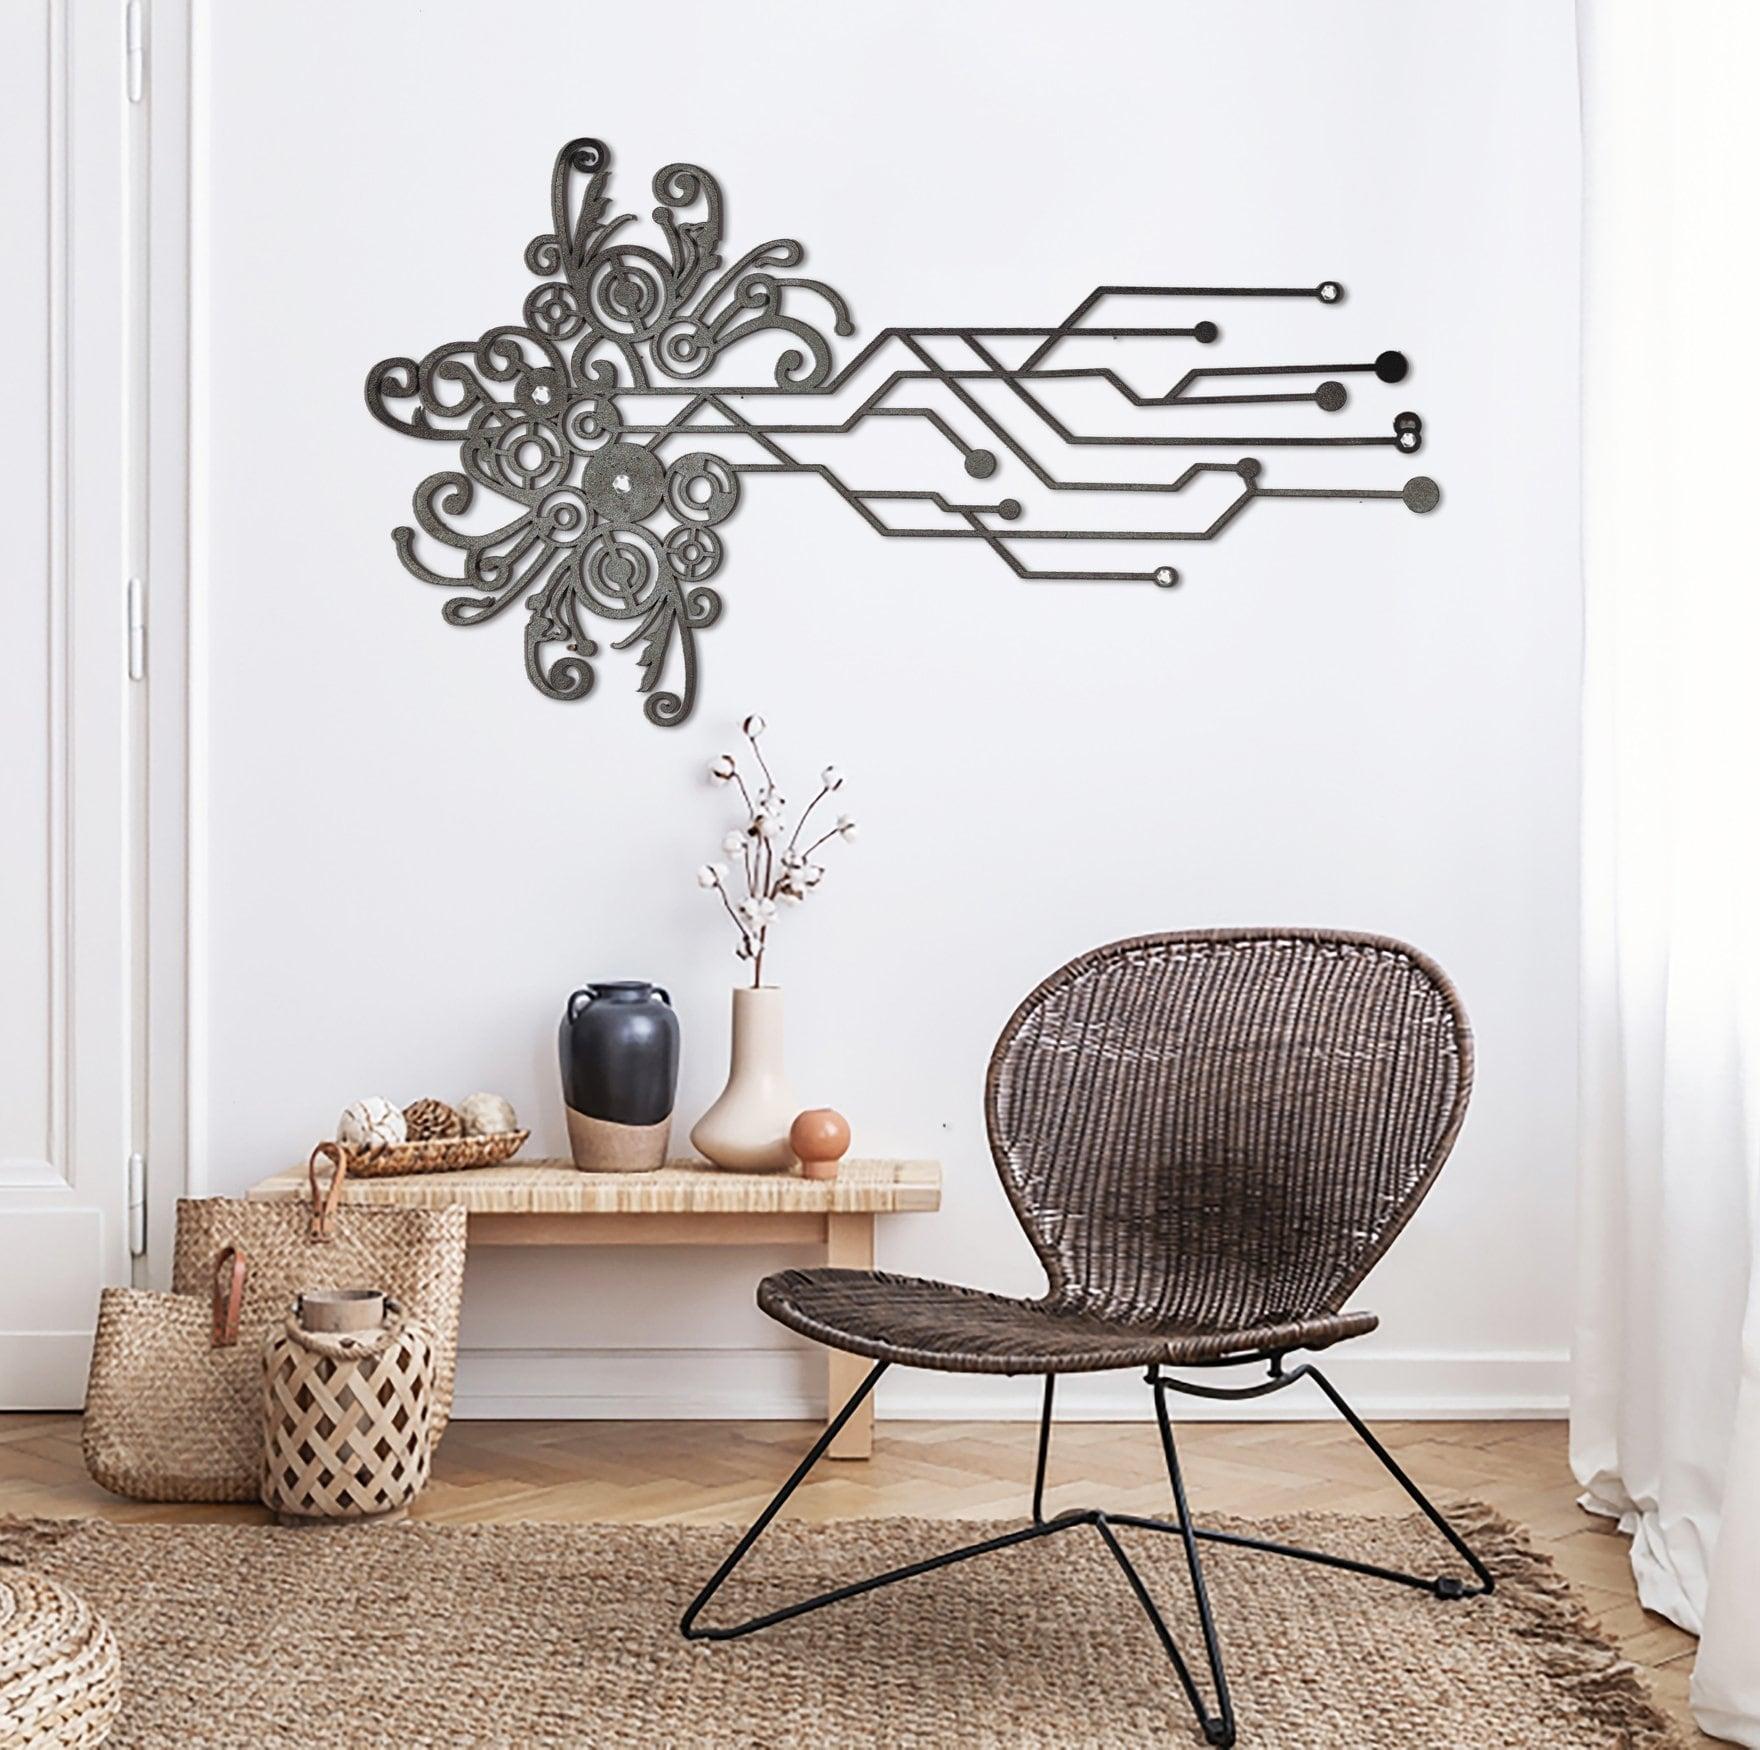 Décoration murale métallique futuriste pour une touche stylée dans un salon moderne